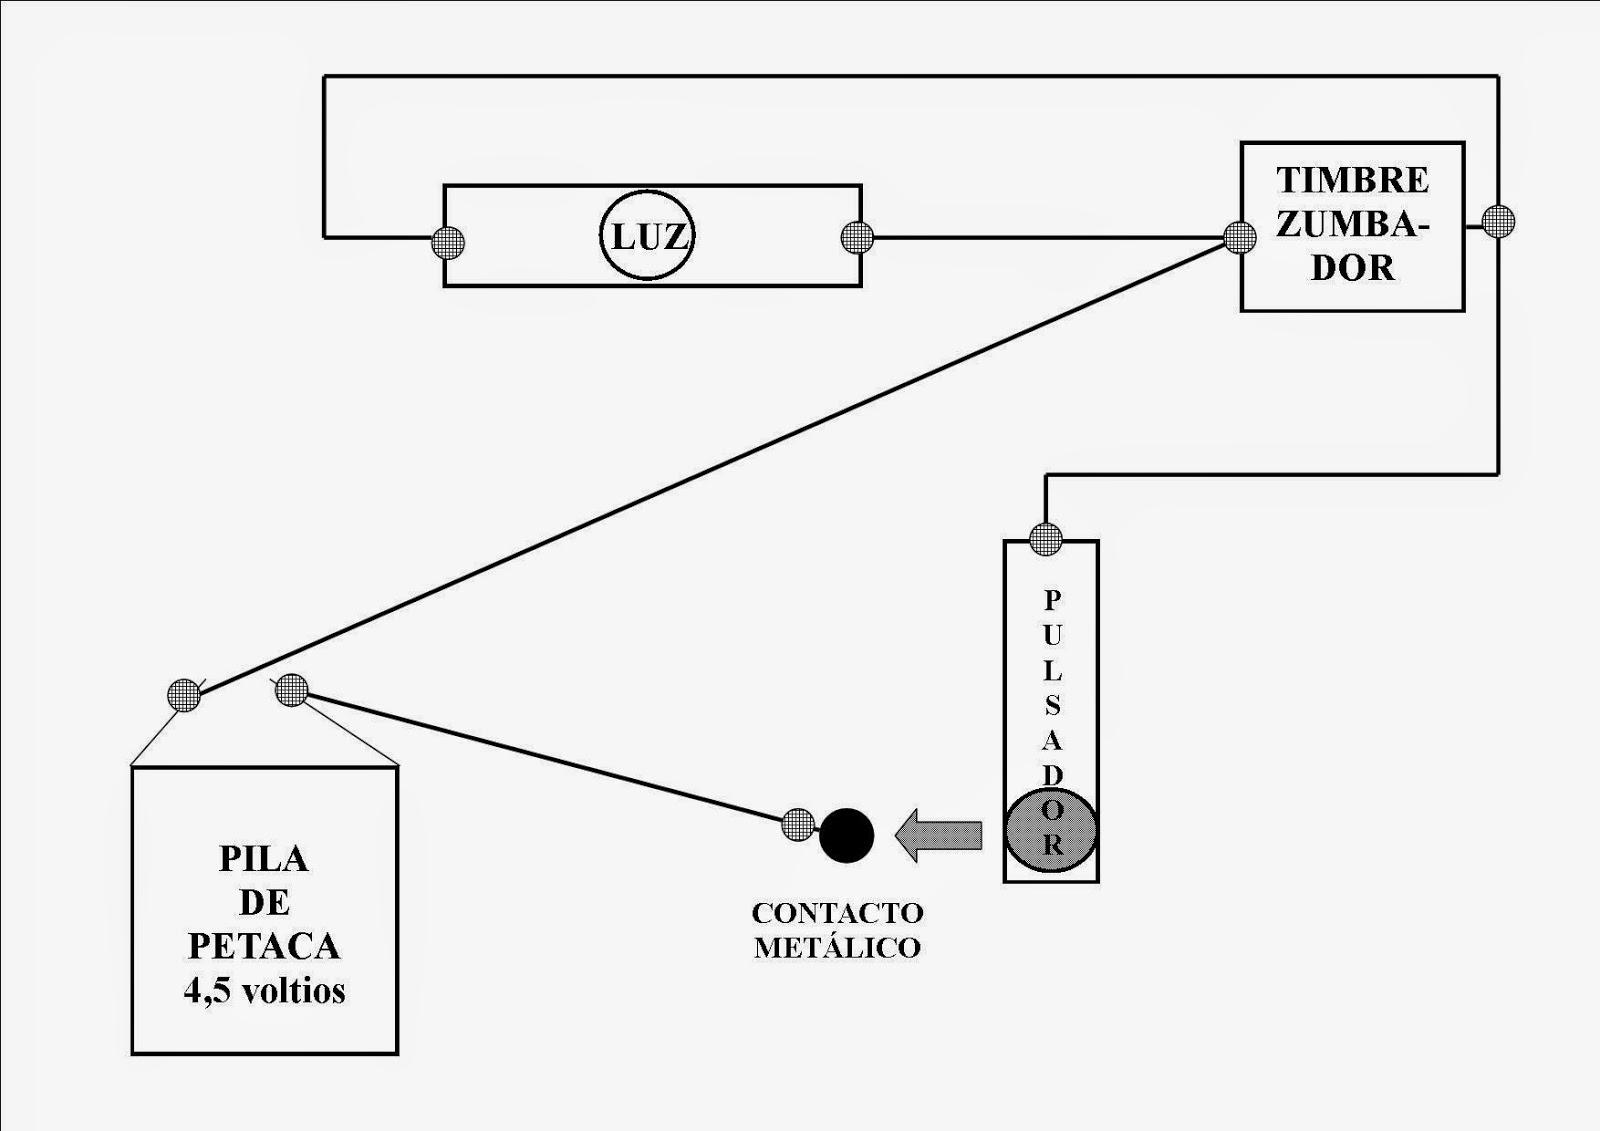 Circuito Electrico Basico : Manual del científico telégrafo esquema del circuito eléctrico